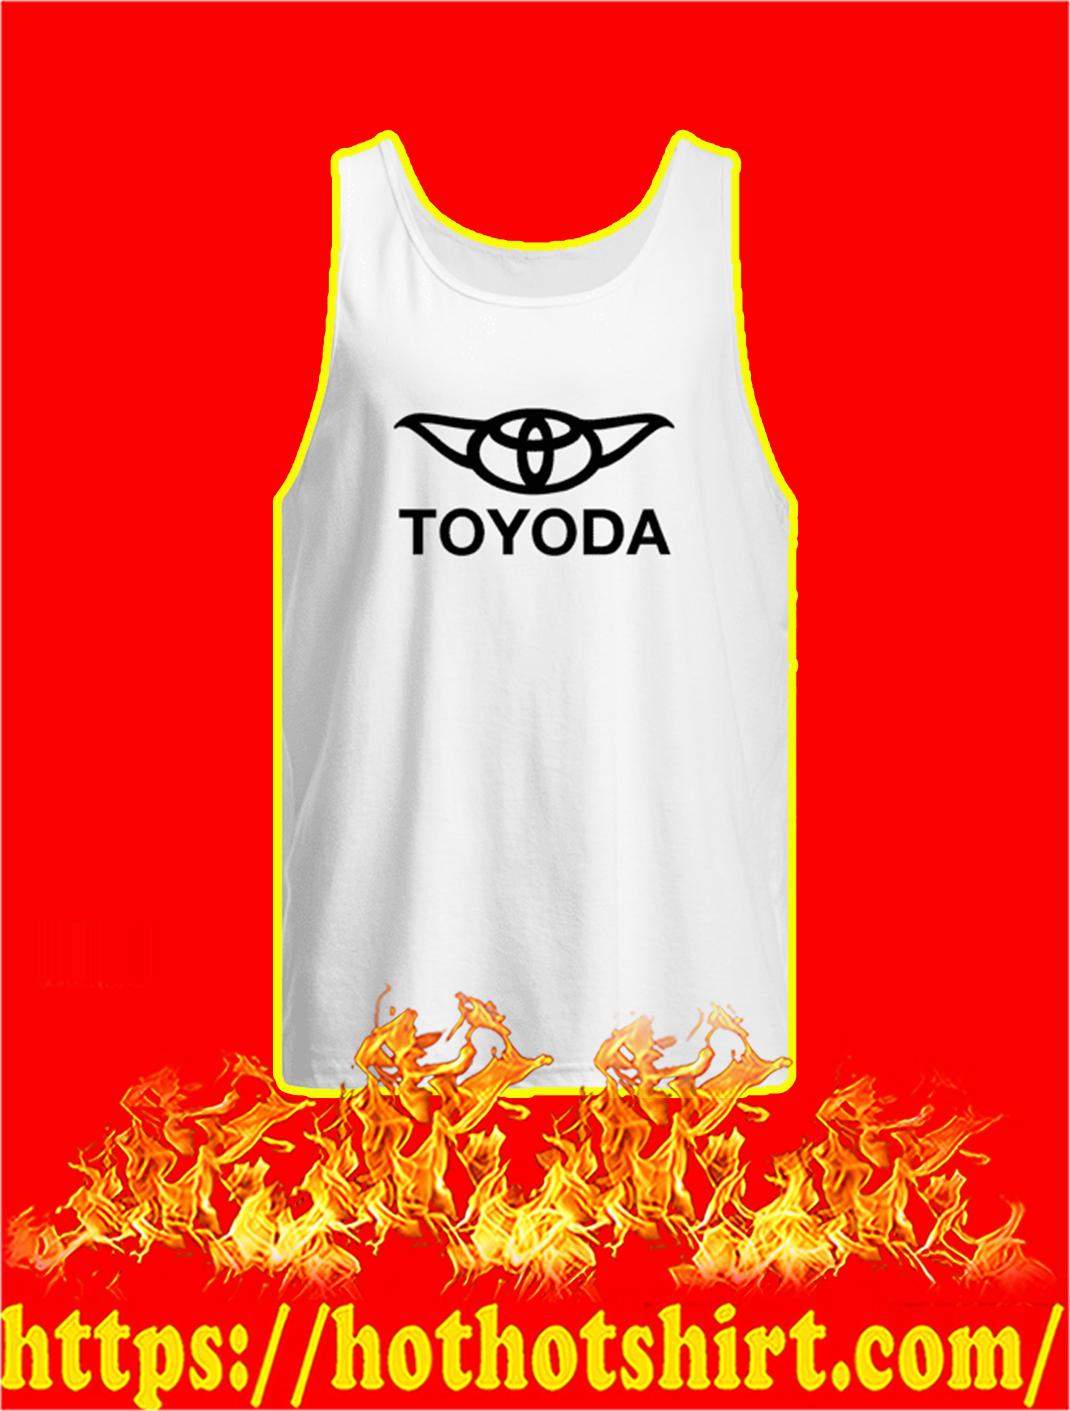 Toyoda tank top